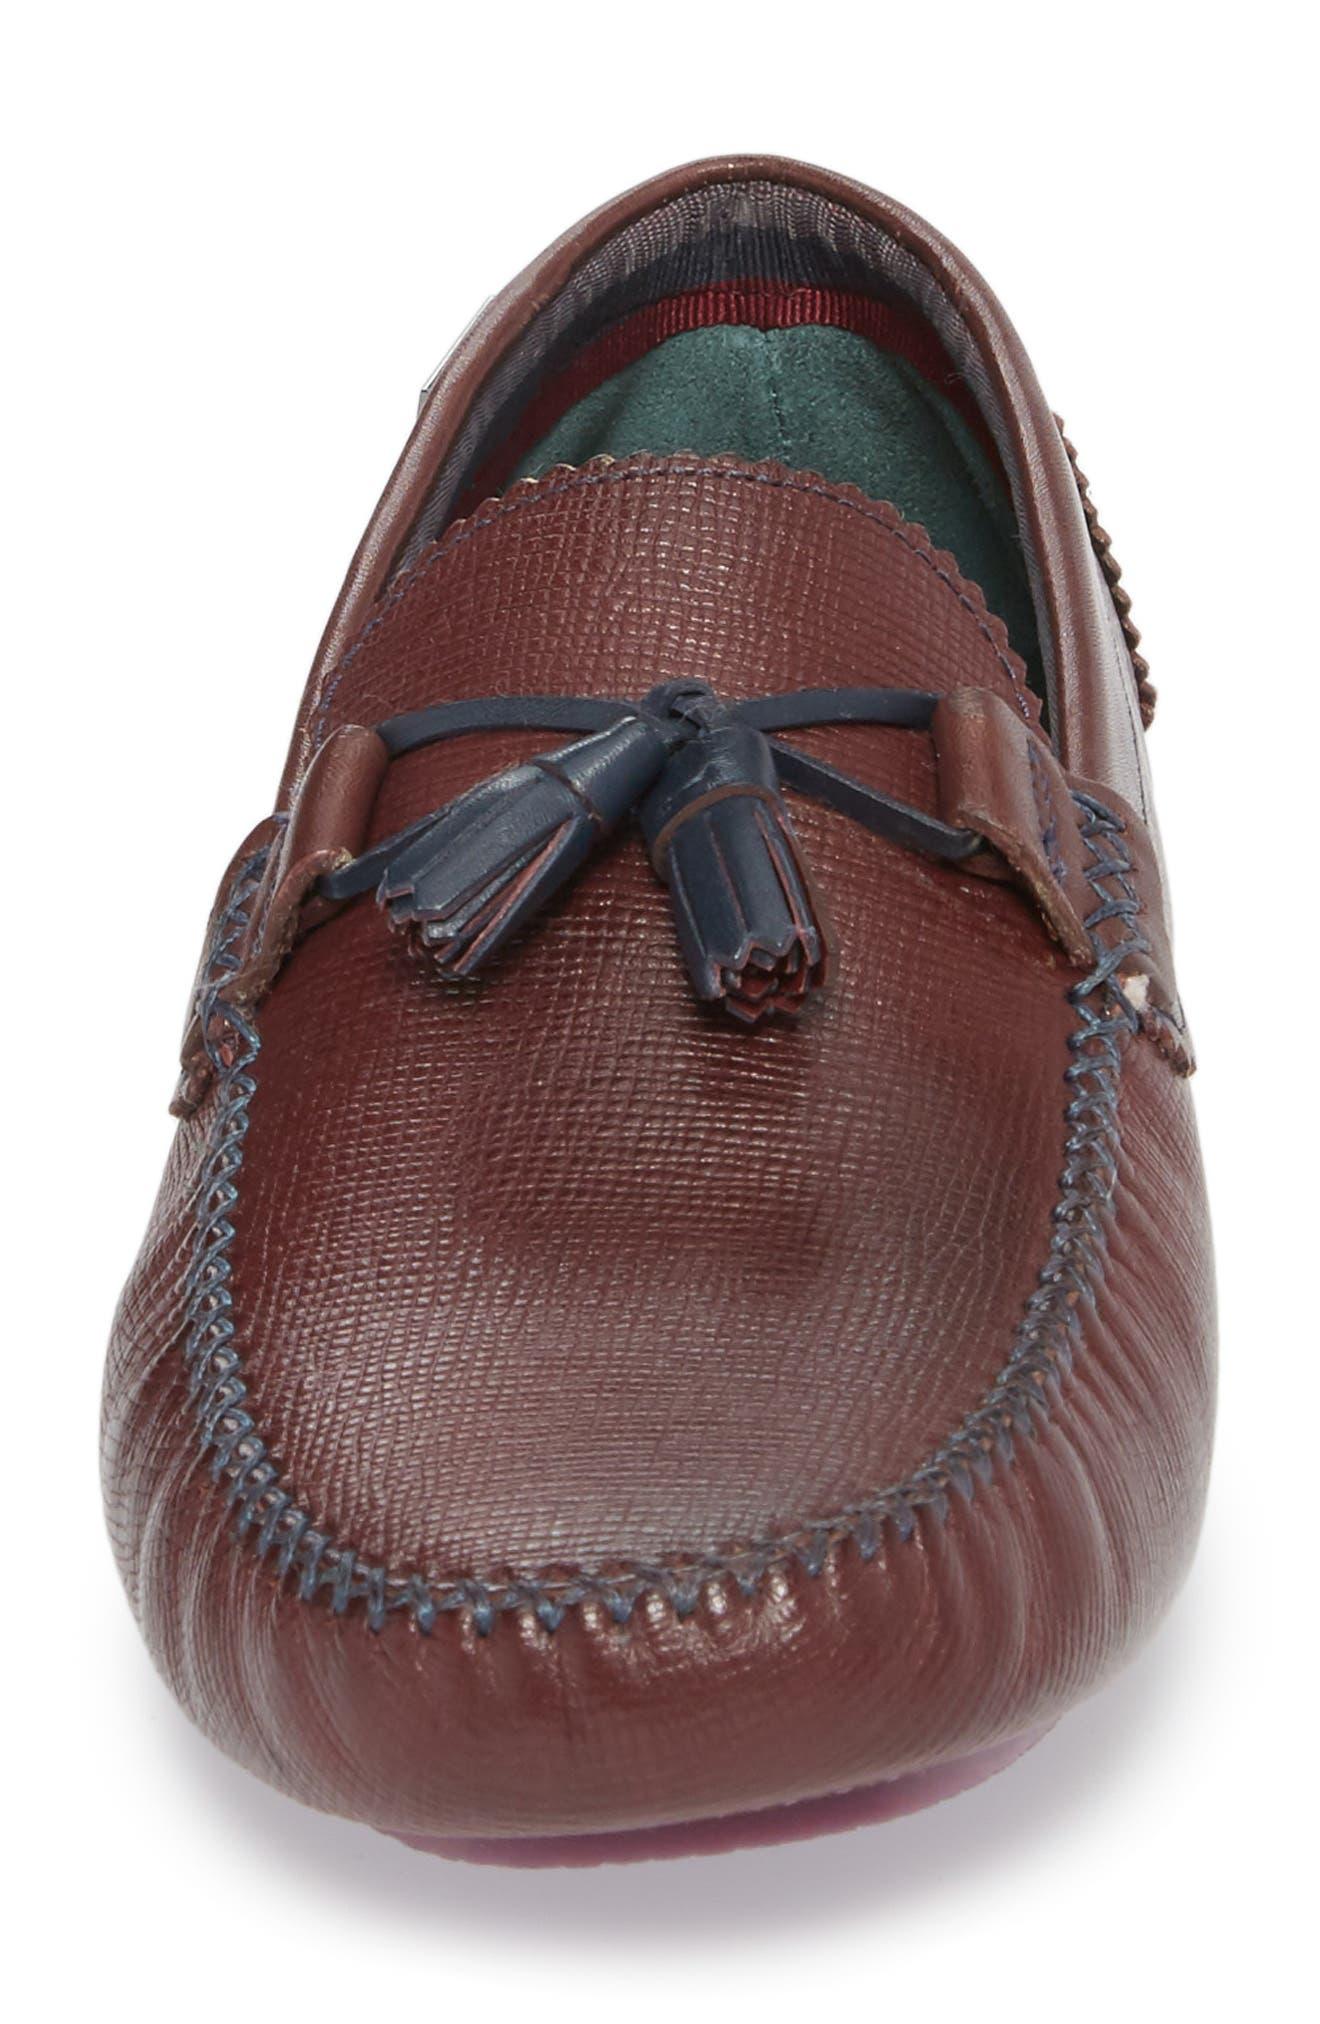 Urbonn Tasseled Driving Loafer,                             Alternate thumbnail 8, color,